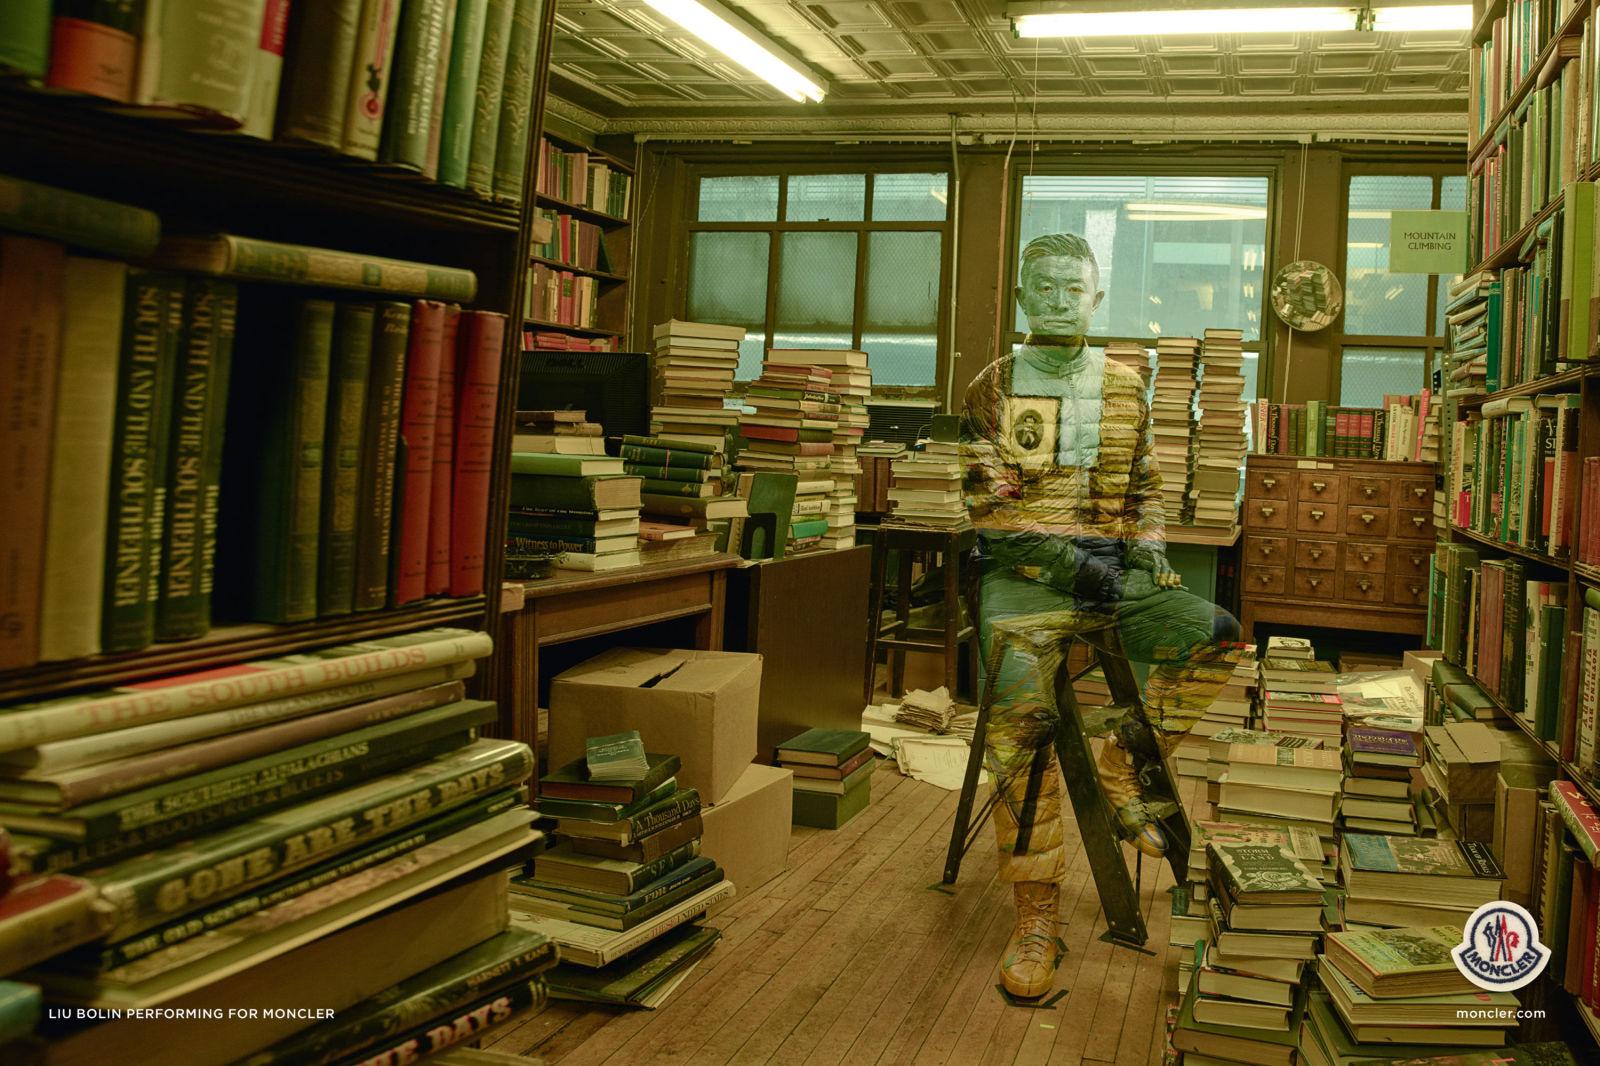 «Исчезающий» китайский художник Лю Болин в рекламной кампании бренда Moncler